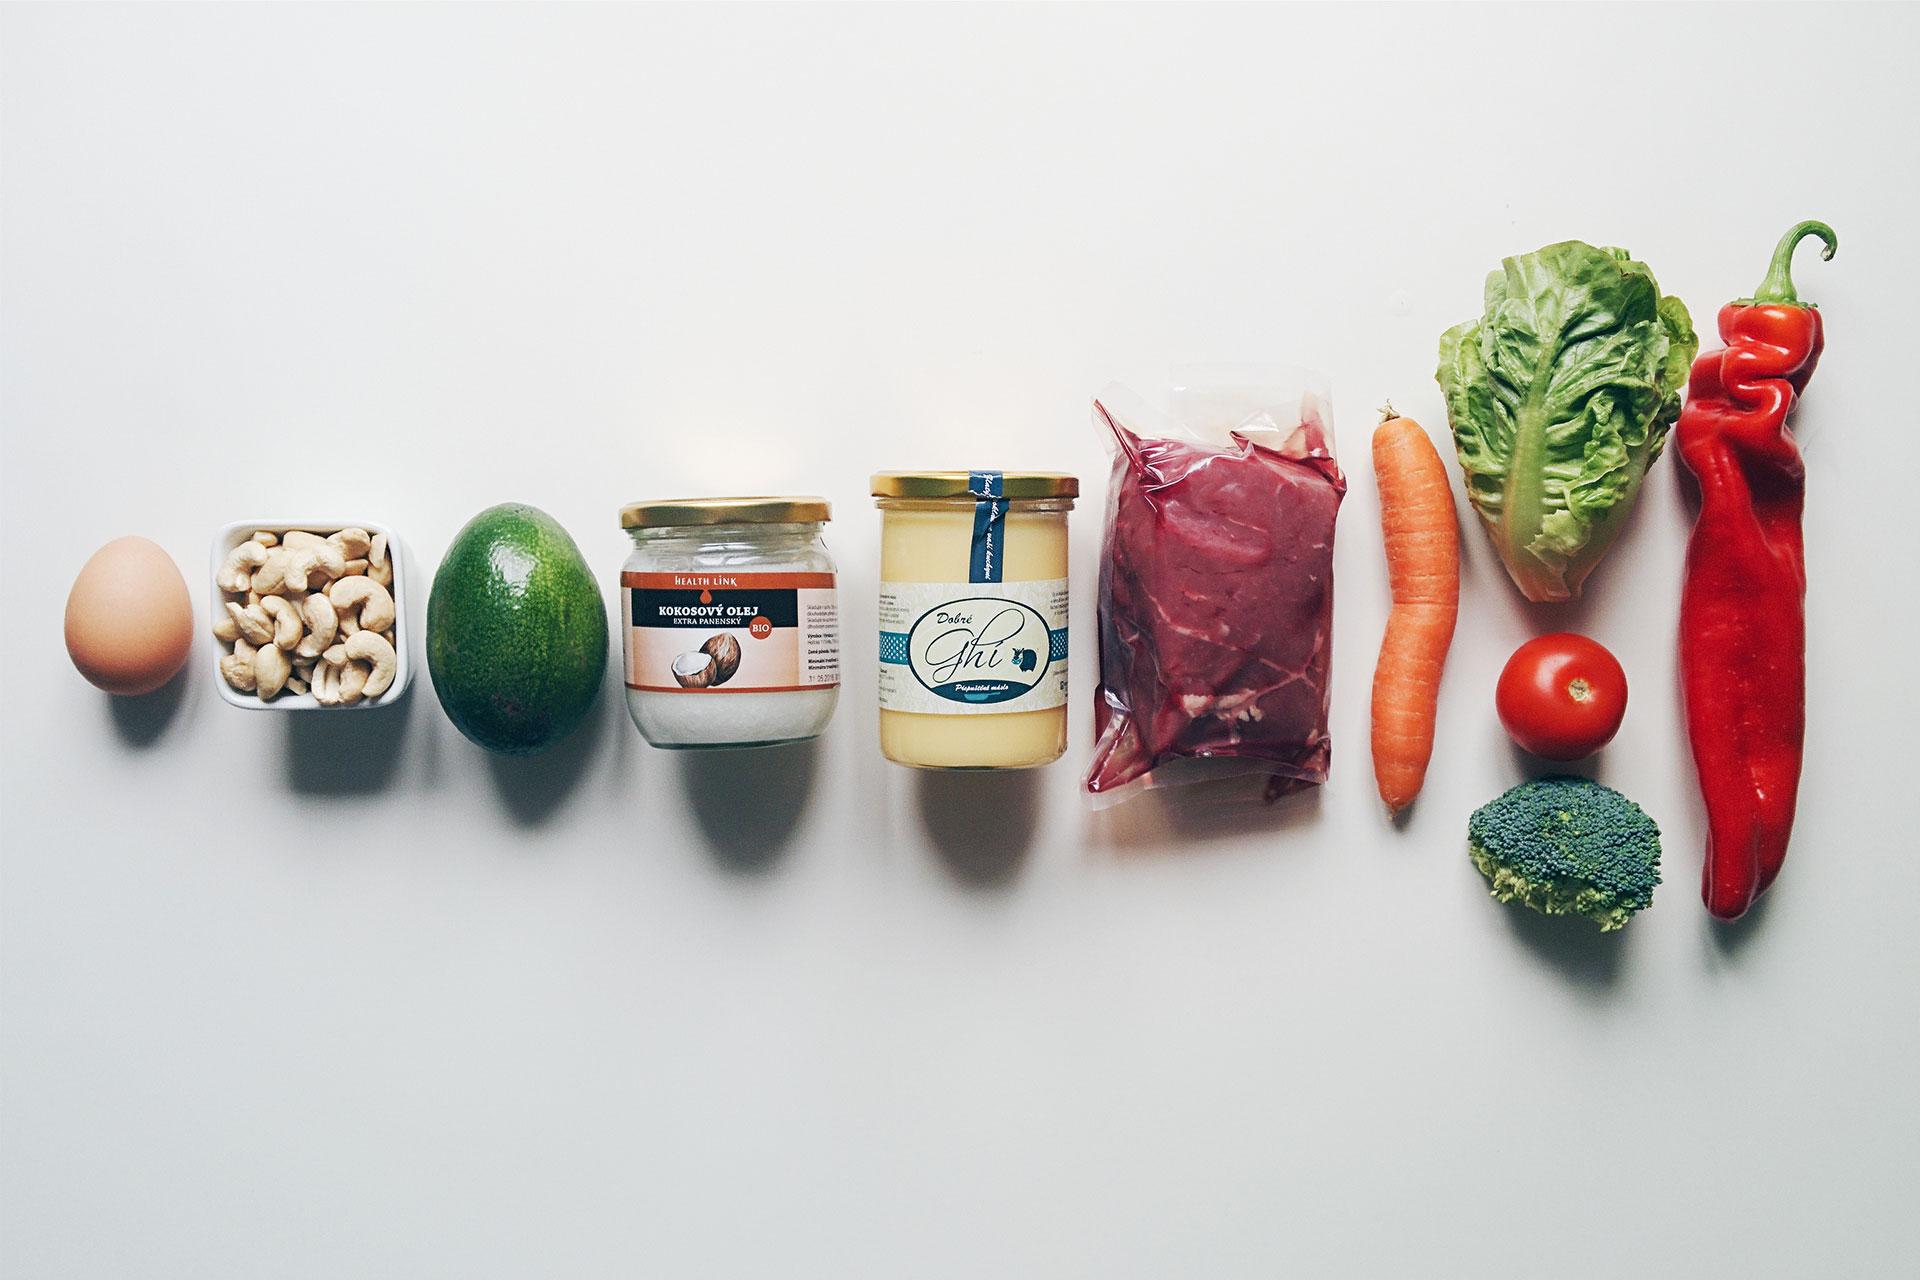 편리해진 생활만큼 늘어난 환경오염과 각종 화학물질에 노출된 삶 속에서 우리에겐 조금 더 건강한 화장품이 필요하다는 믿음 때문입니다. 피부를 통해서, 우리는 아침저녁으로 매일 화장품을 먹어야 하니까요.